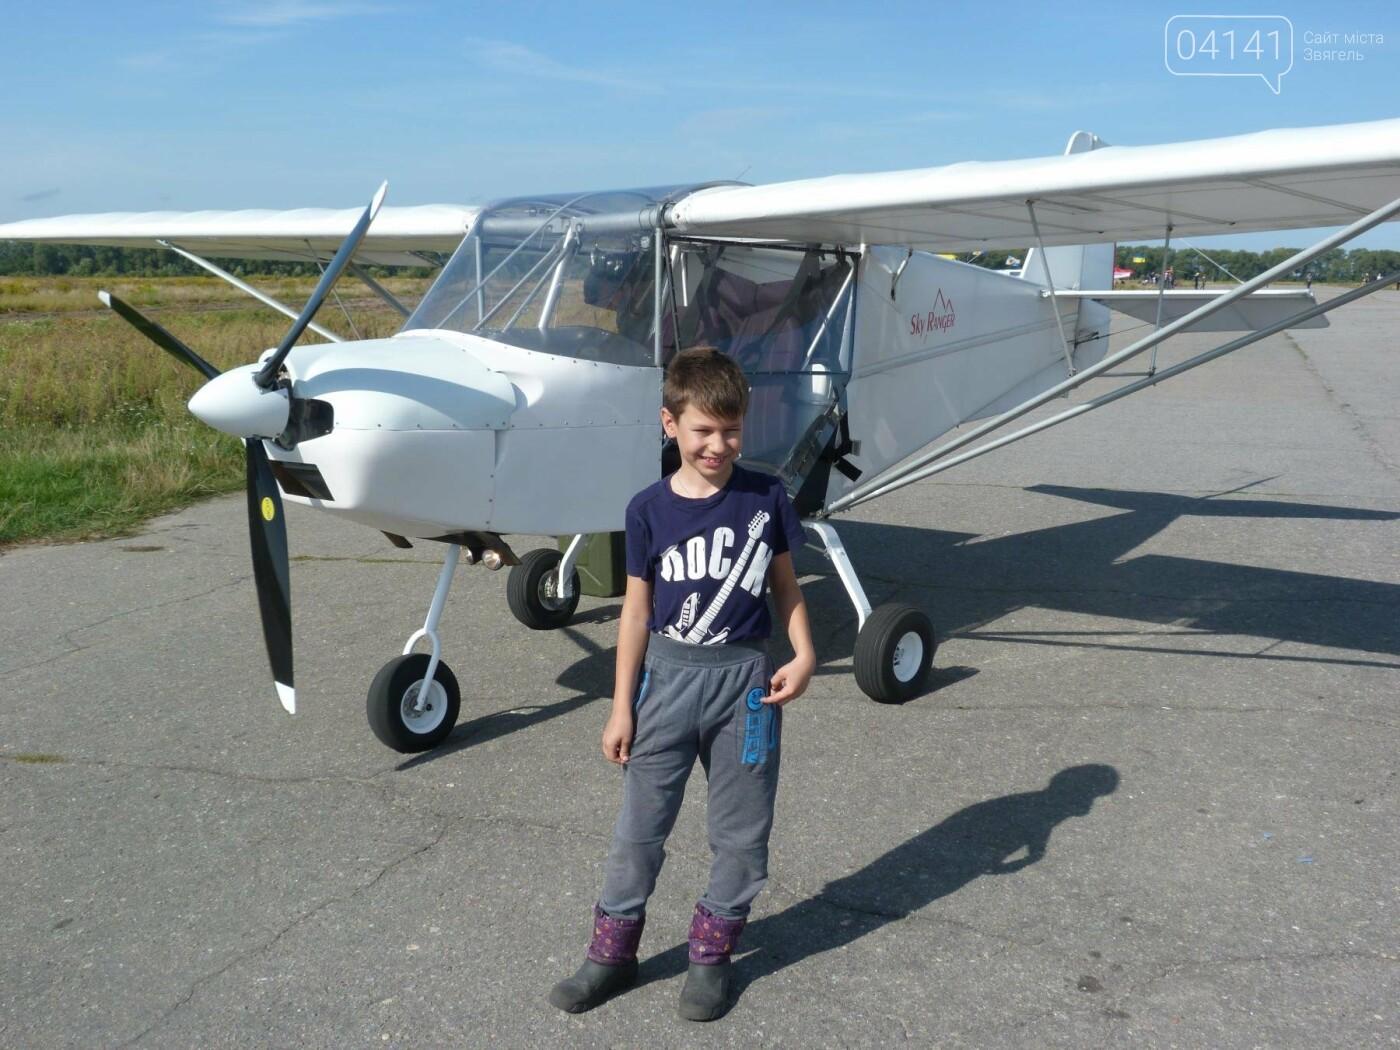 Закохані в небо: Новоградські авіамоделісти стурбовані щодо свого майбутнього, фото-7